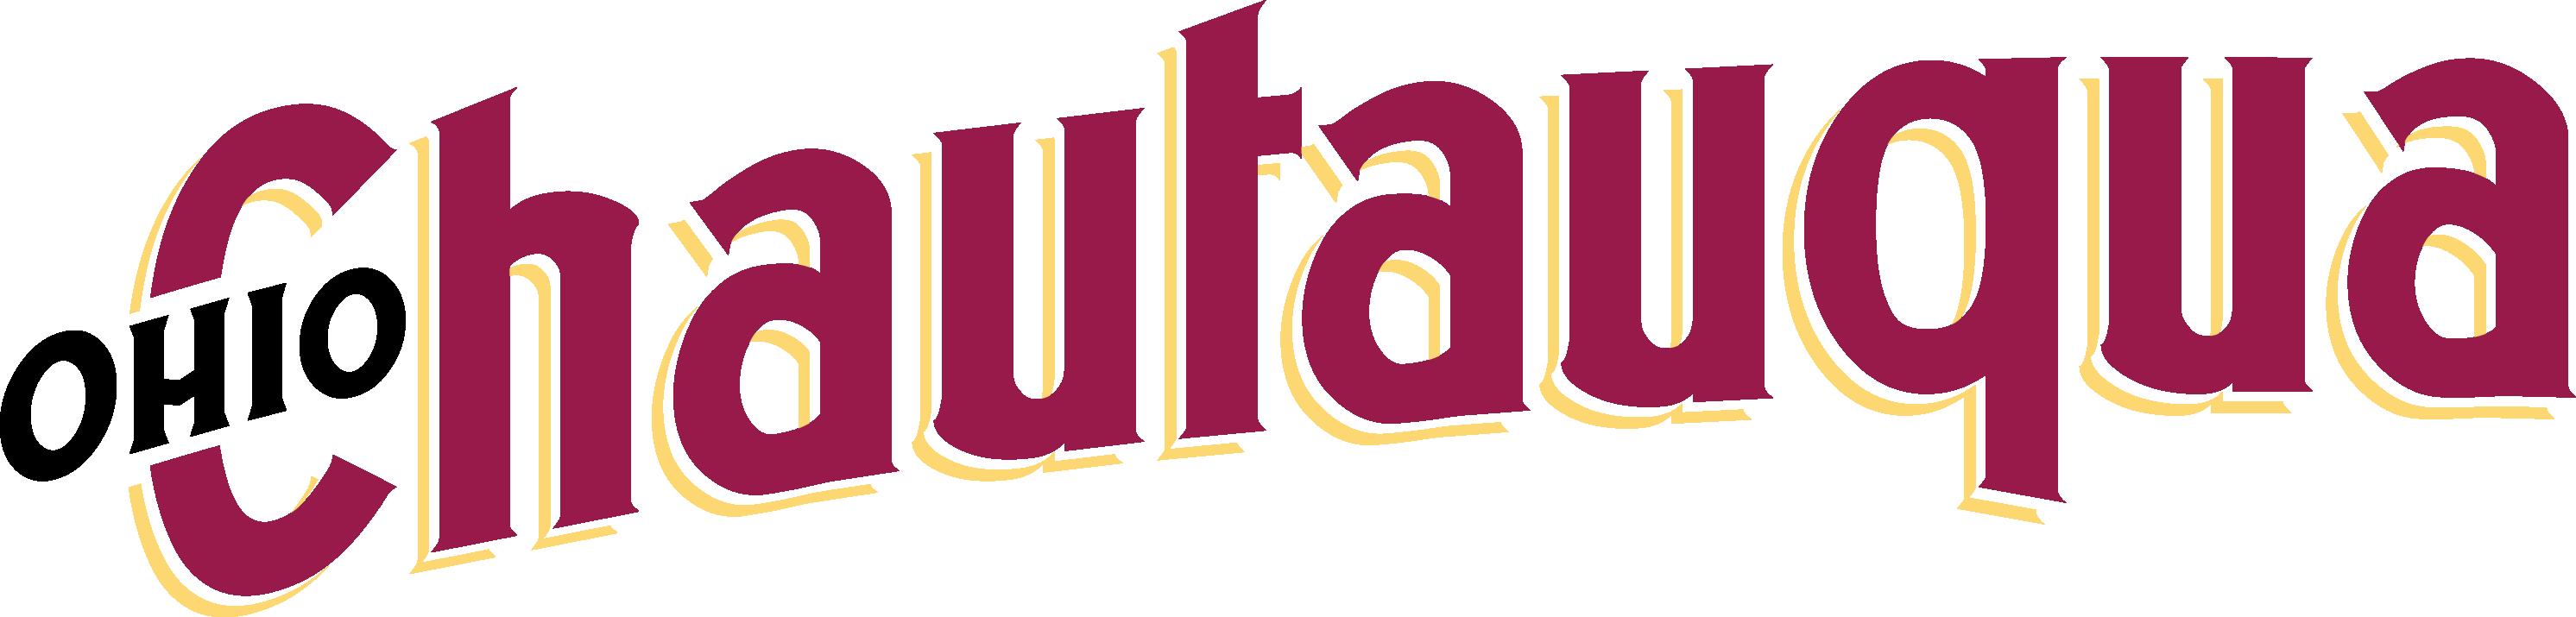 Ohio Chautauqua logo